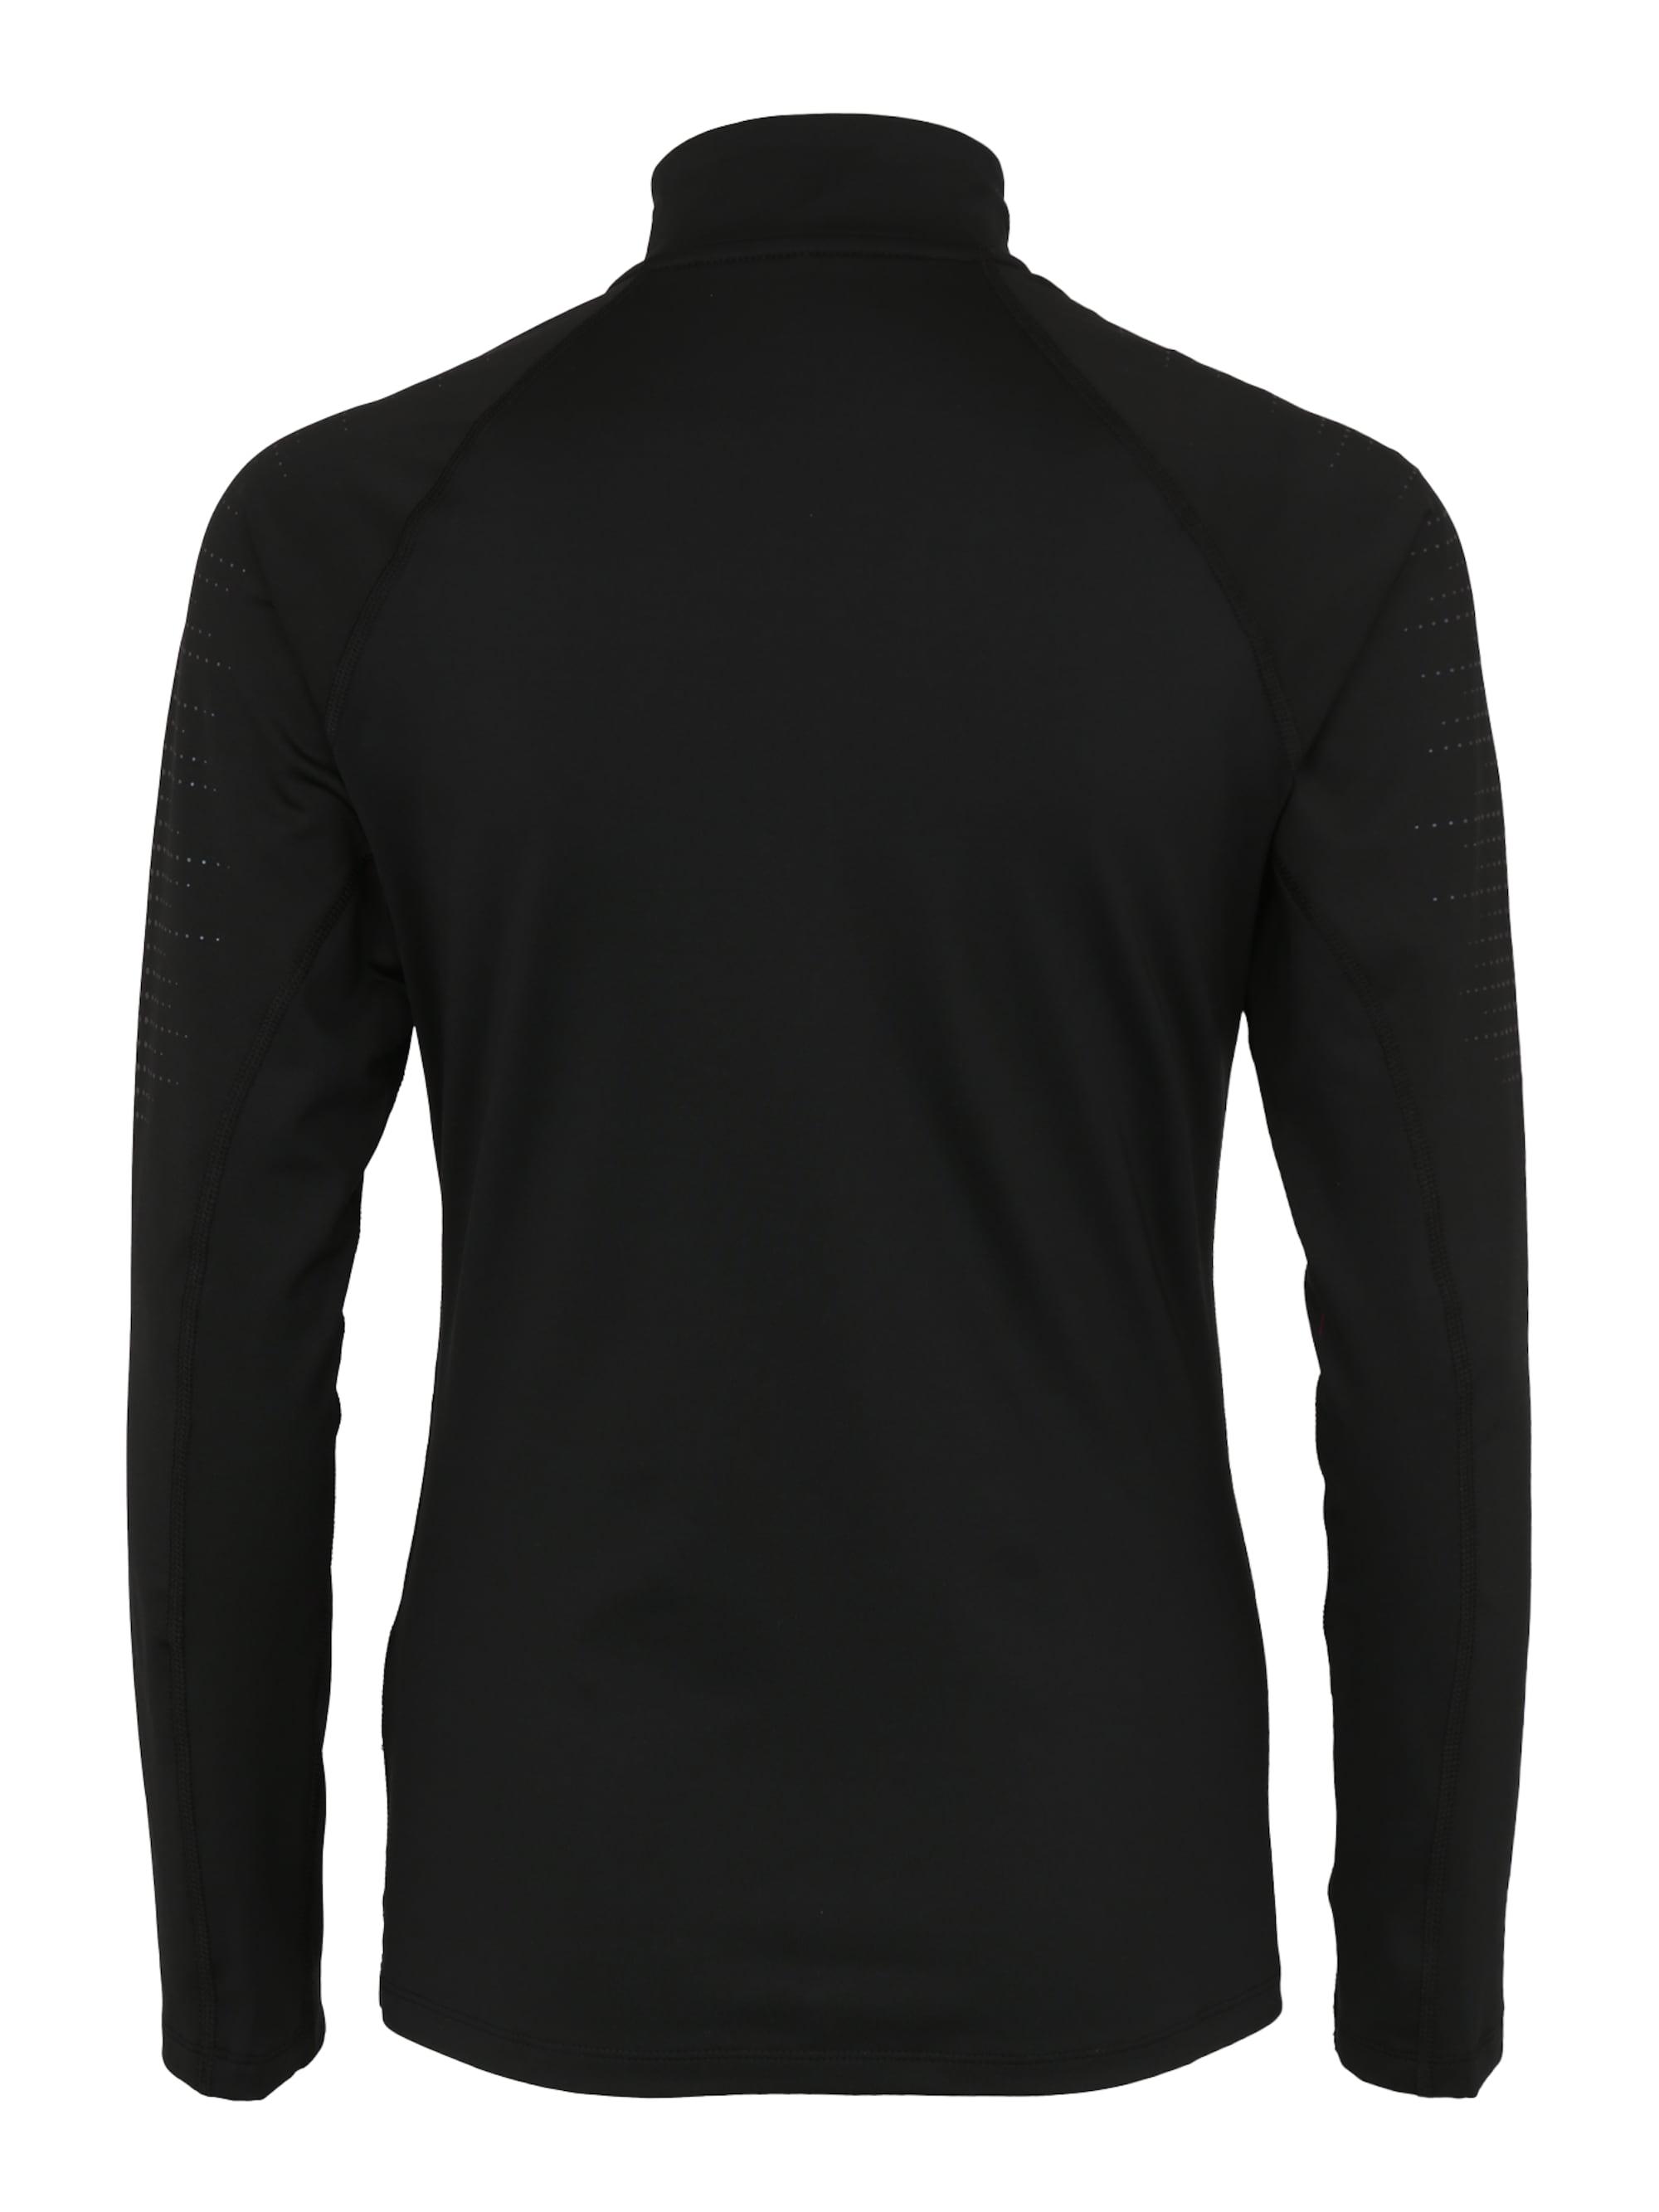 Sportief sweatshirt 'Pro Warm'